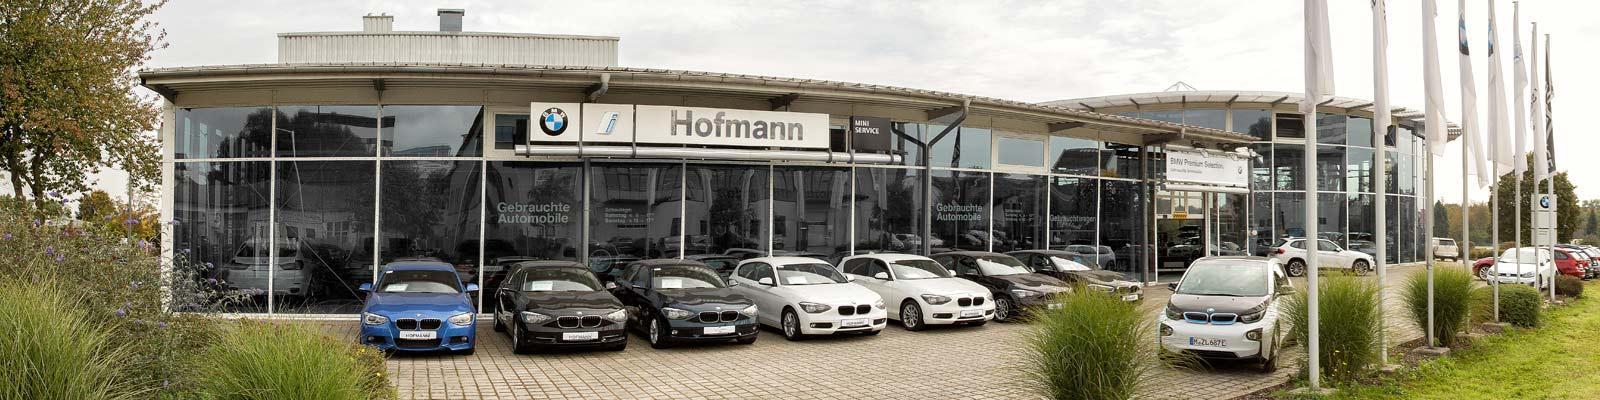 autohaus hofmann pfaffenhofen. Black Bedroom Furniture Sets. Home Design Ideas